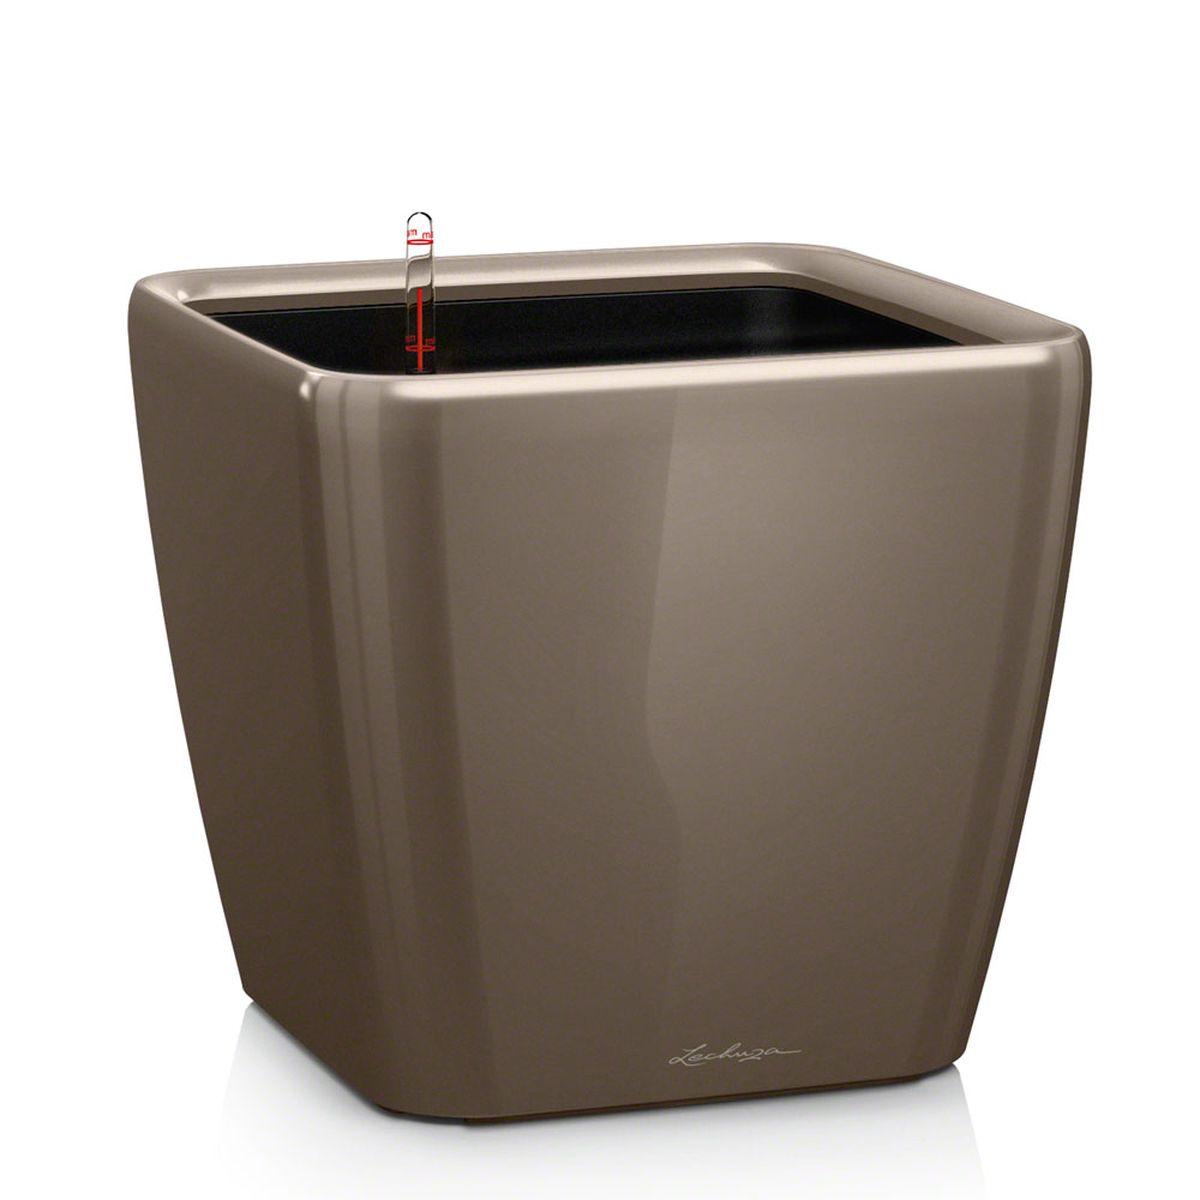 Кашпо Lechuza Quadro, с системой автополива, цвет: серо-коричневый, 50 х 50 х 47 смМ 3053Кашпо Lechuza Quadro, выполненное извысококачественного пластика, имеет уникальную системуавтополива, благодаря которой корневая система растениянепрерывно снабжается влагой из резервуара. Уровень водыв резервуаре контролируется с помощью специальногоиндикатора. В зависимости от размера кашпо и растенияводы хватает на 2-12 недель. Это способствует хорошему ростуцветов и предотвращает переувлажнение. В набор входит: кашпо, внутренний горшок с выдвижнойэргономичной ручкой, индикатор уровня воды, вал подачиводы, субстрат растений в качестве дренажного слоя,резервуар для воды. Кашпо Lechuza Quadro прекрасно впишется в любойинтерьер. Оно поможет расставить нужные акценты, а такжепридаст помещению вид, соответствующий вашимпредставлениям.